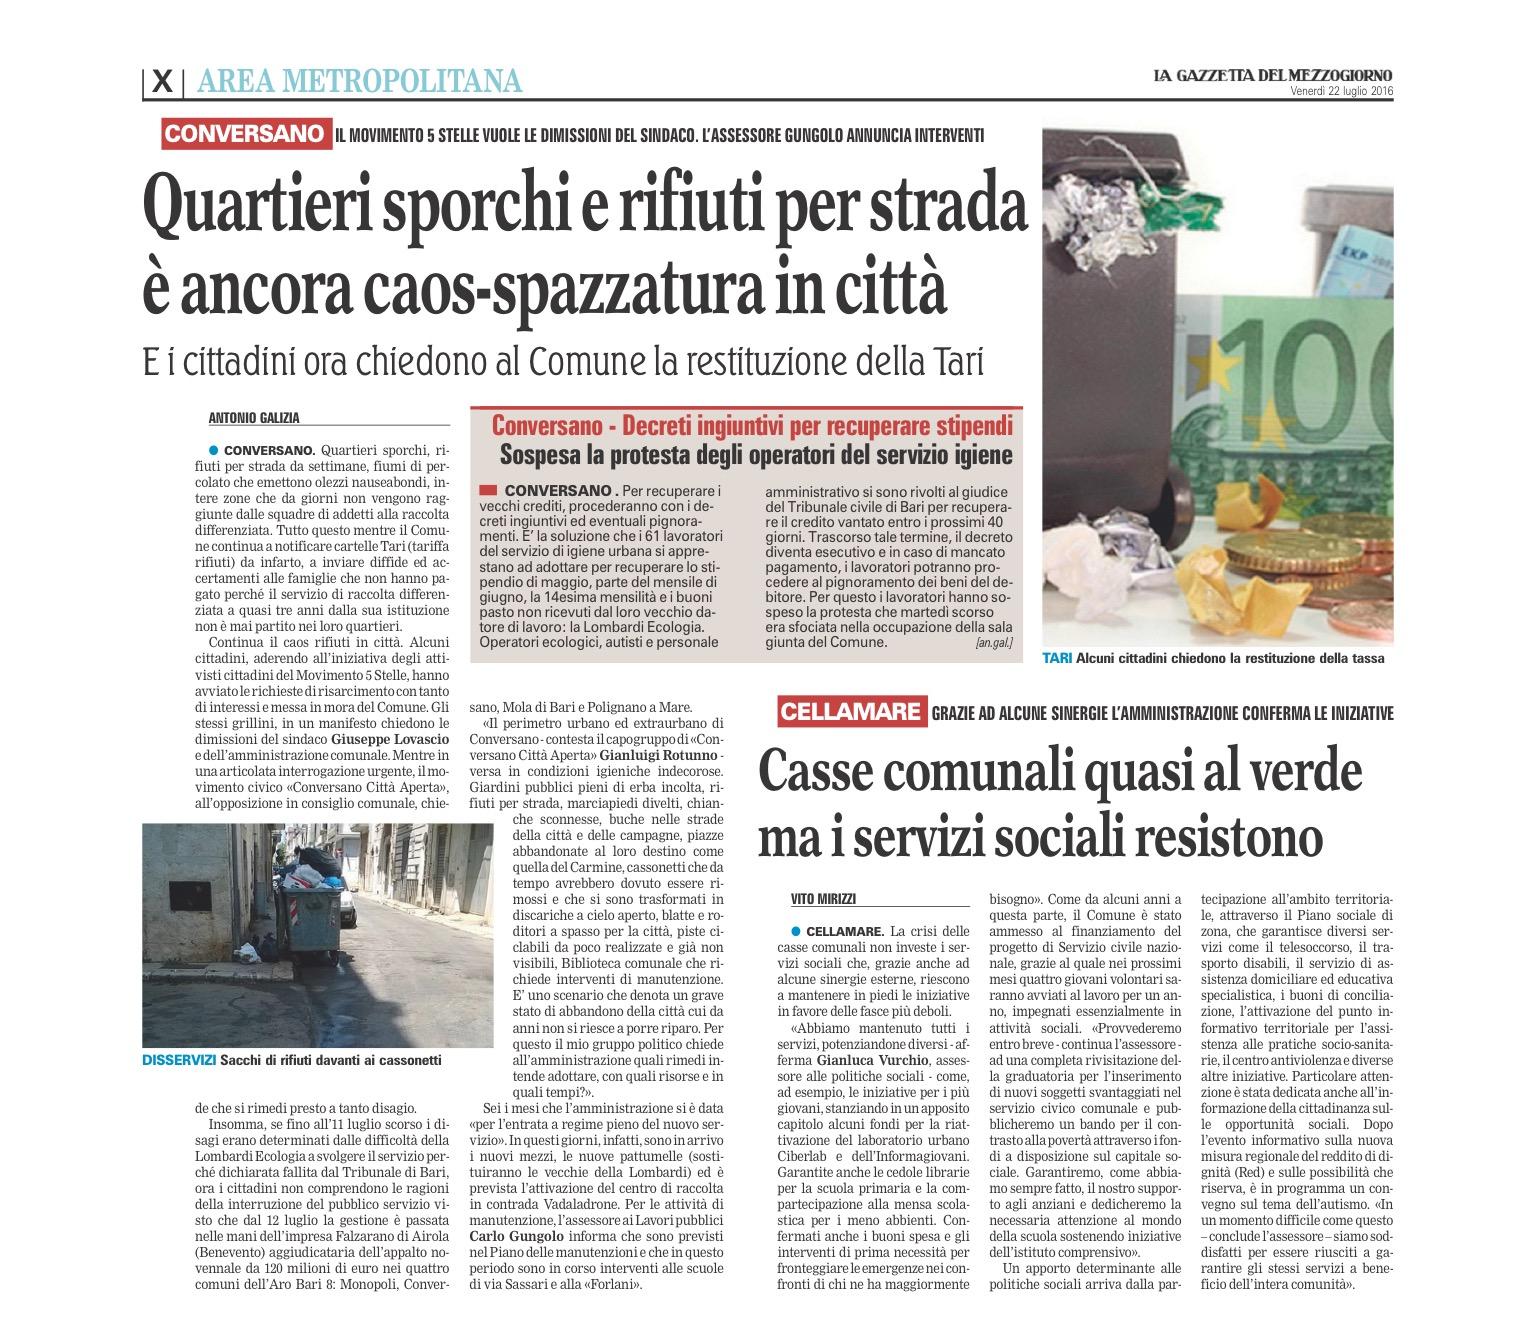 La Gazzetta del Mezzogiorno - 22.07.2016